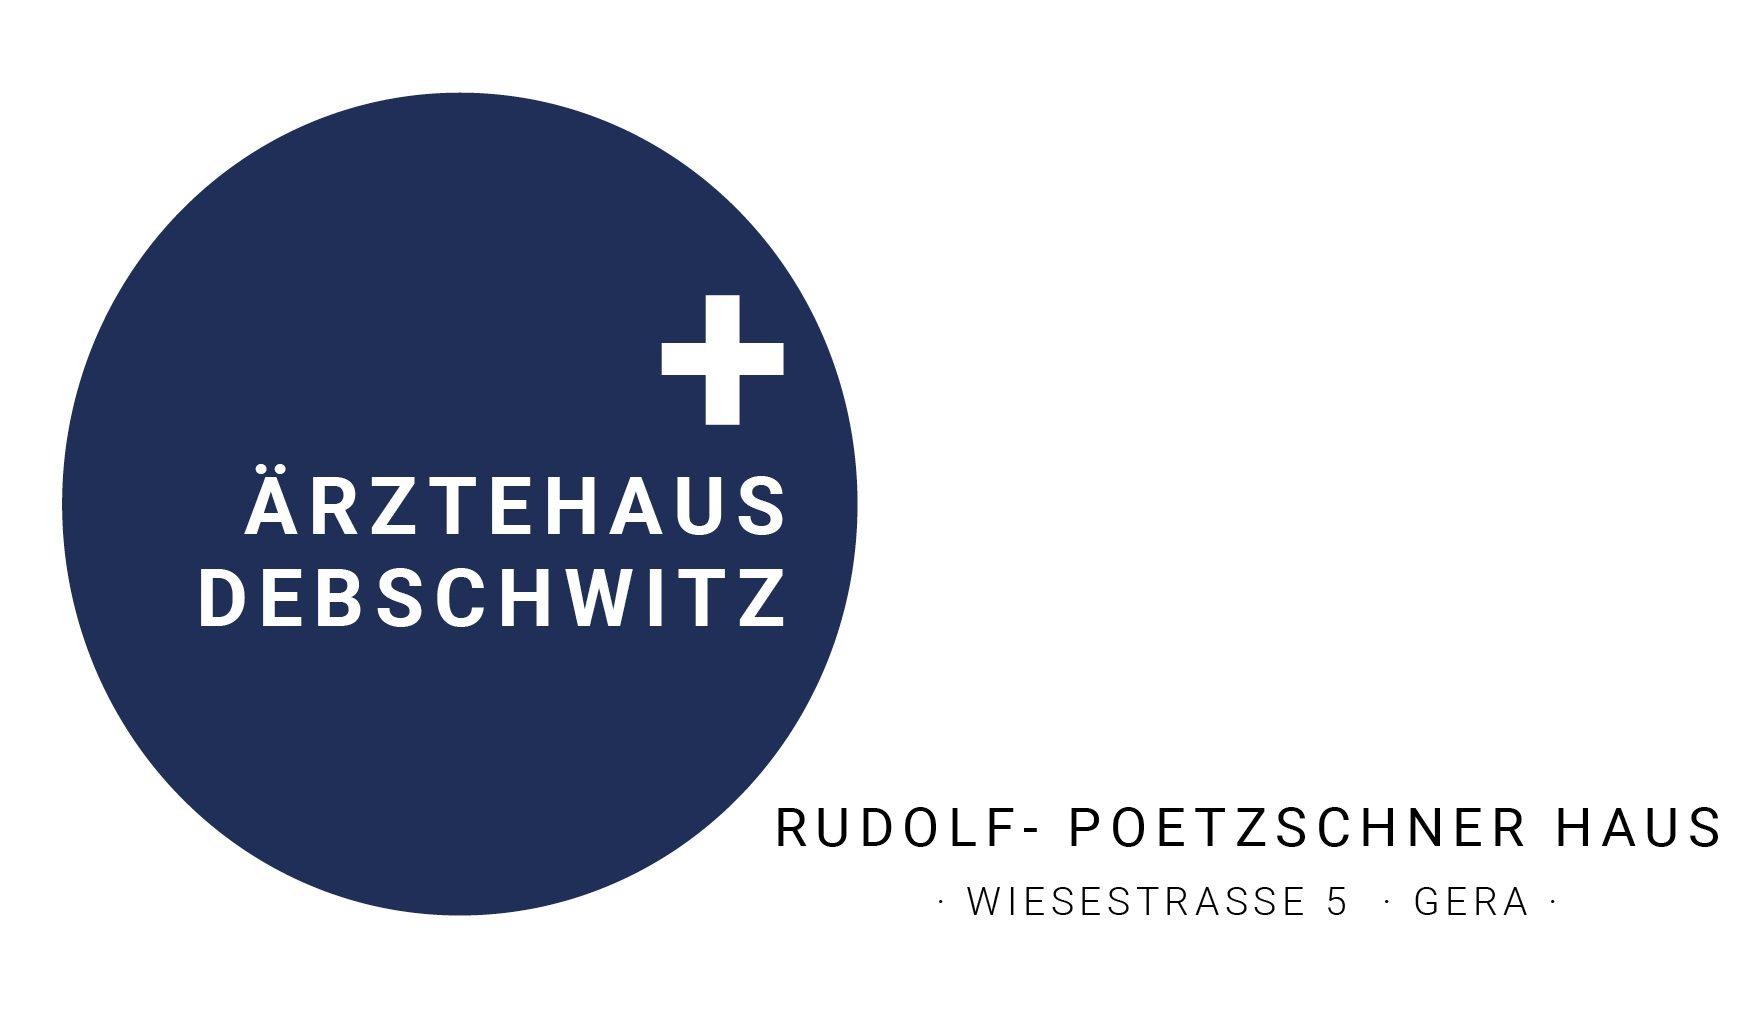 Ärztehaus Gera Debschwitz